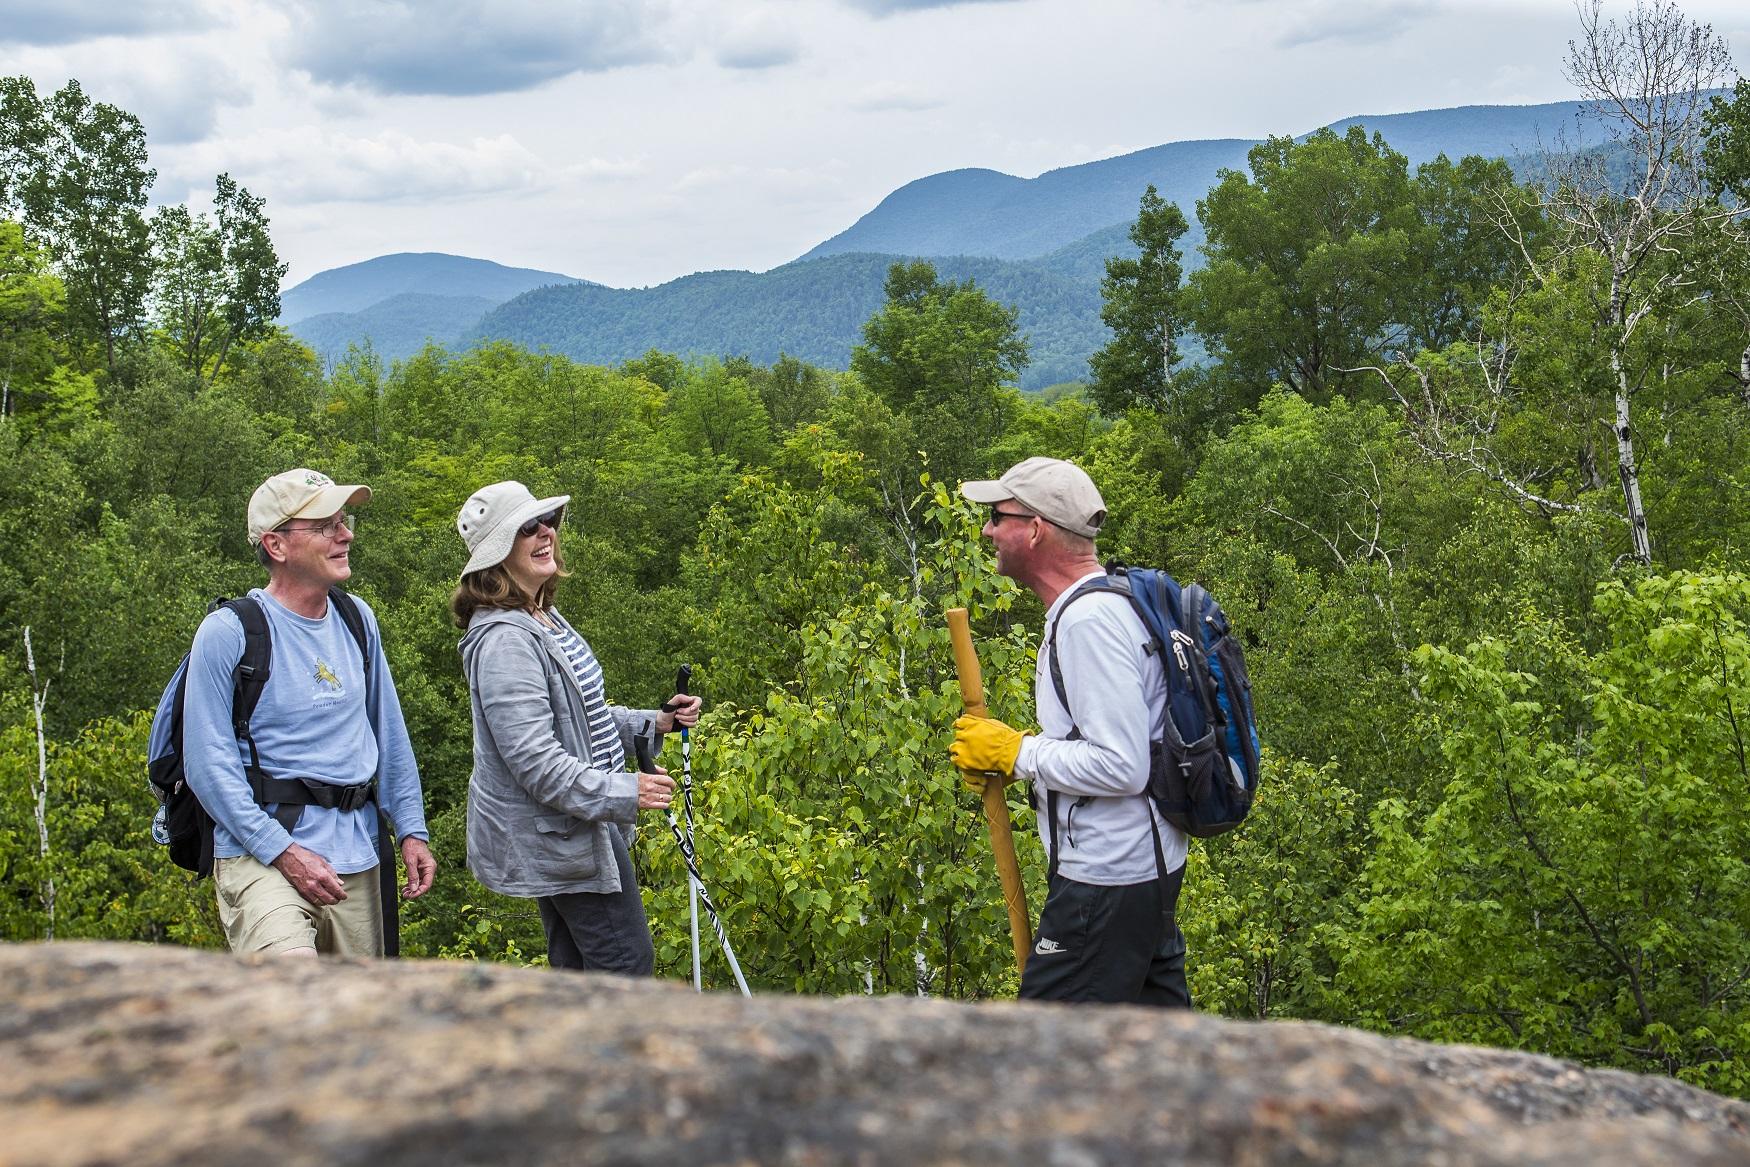 Hiking at Garnet Hill – Medium